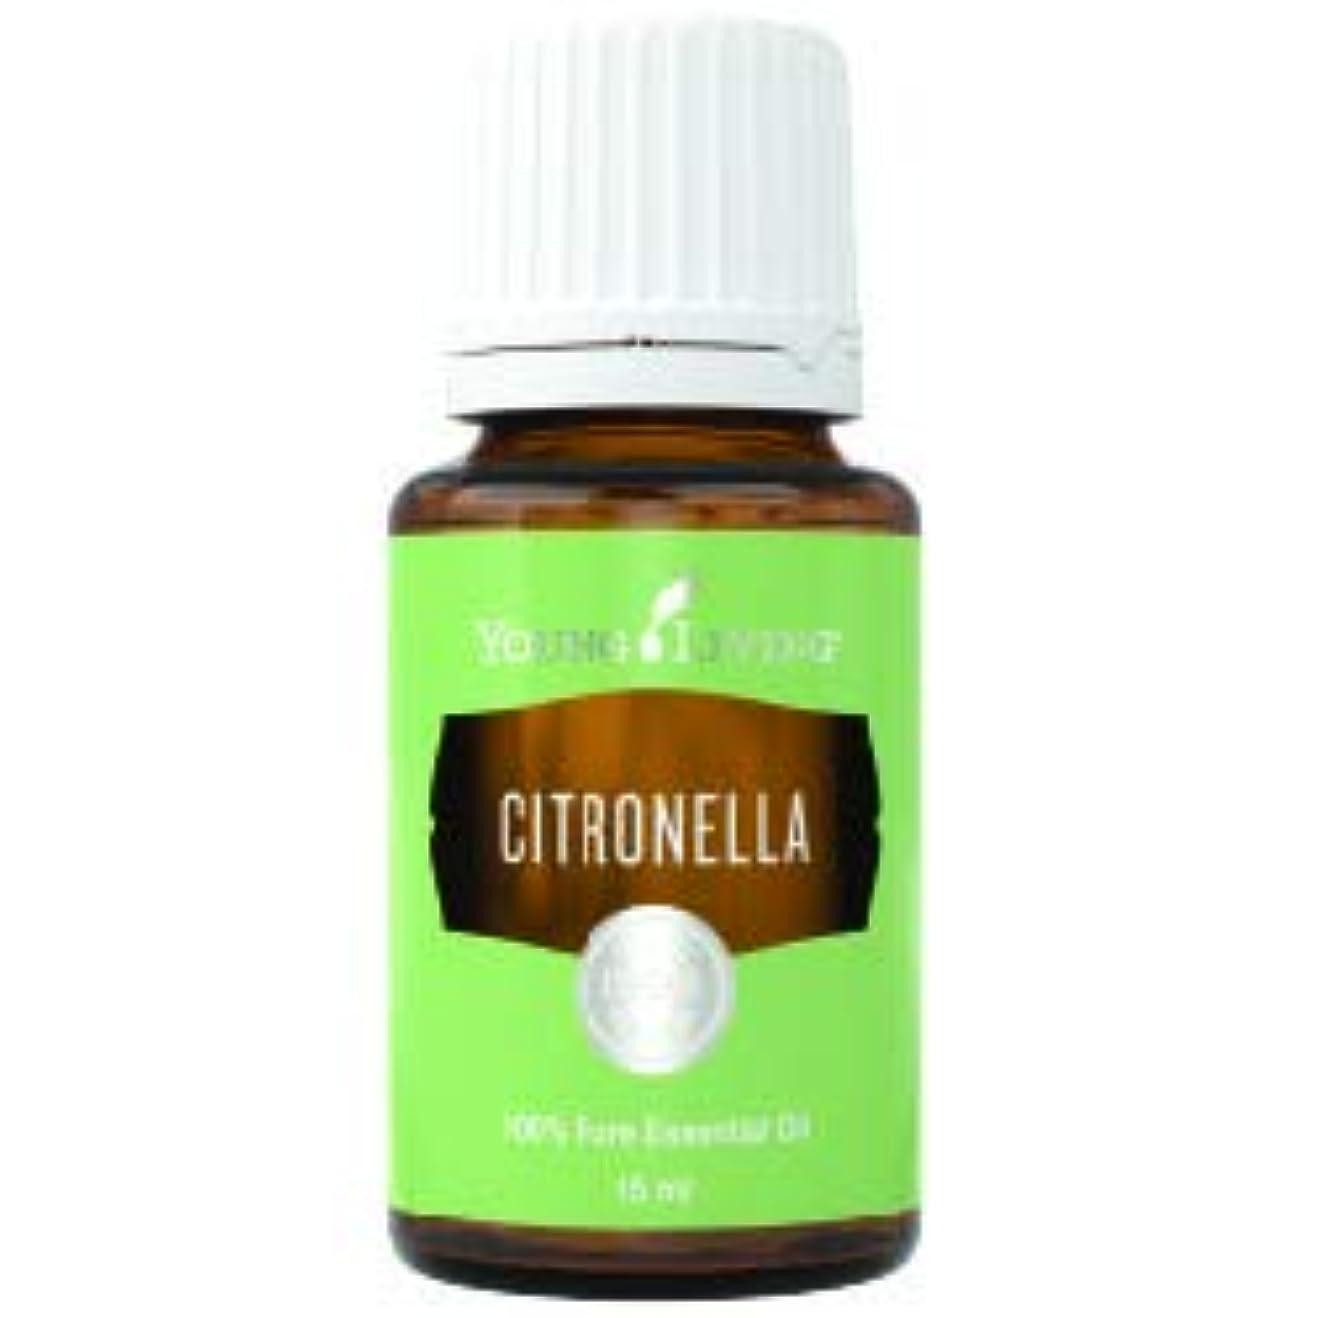 抹消暖かく線形シトロネラエッセンシャルオイル15 ml byヤングリビングマレーシア Citronella Essential Oil 15 ml by Young Living Malaysia